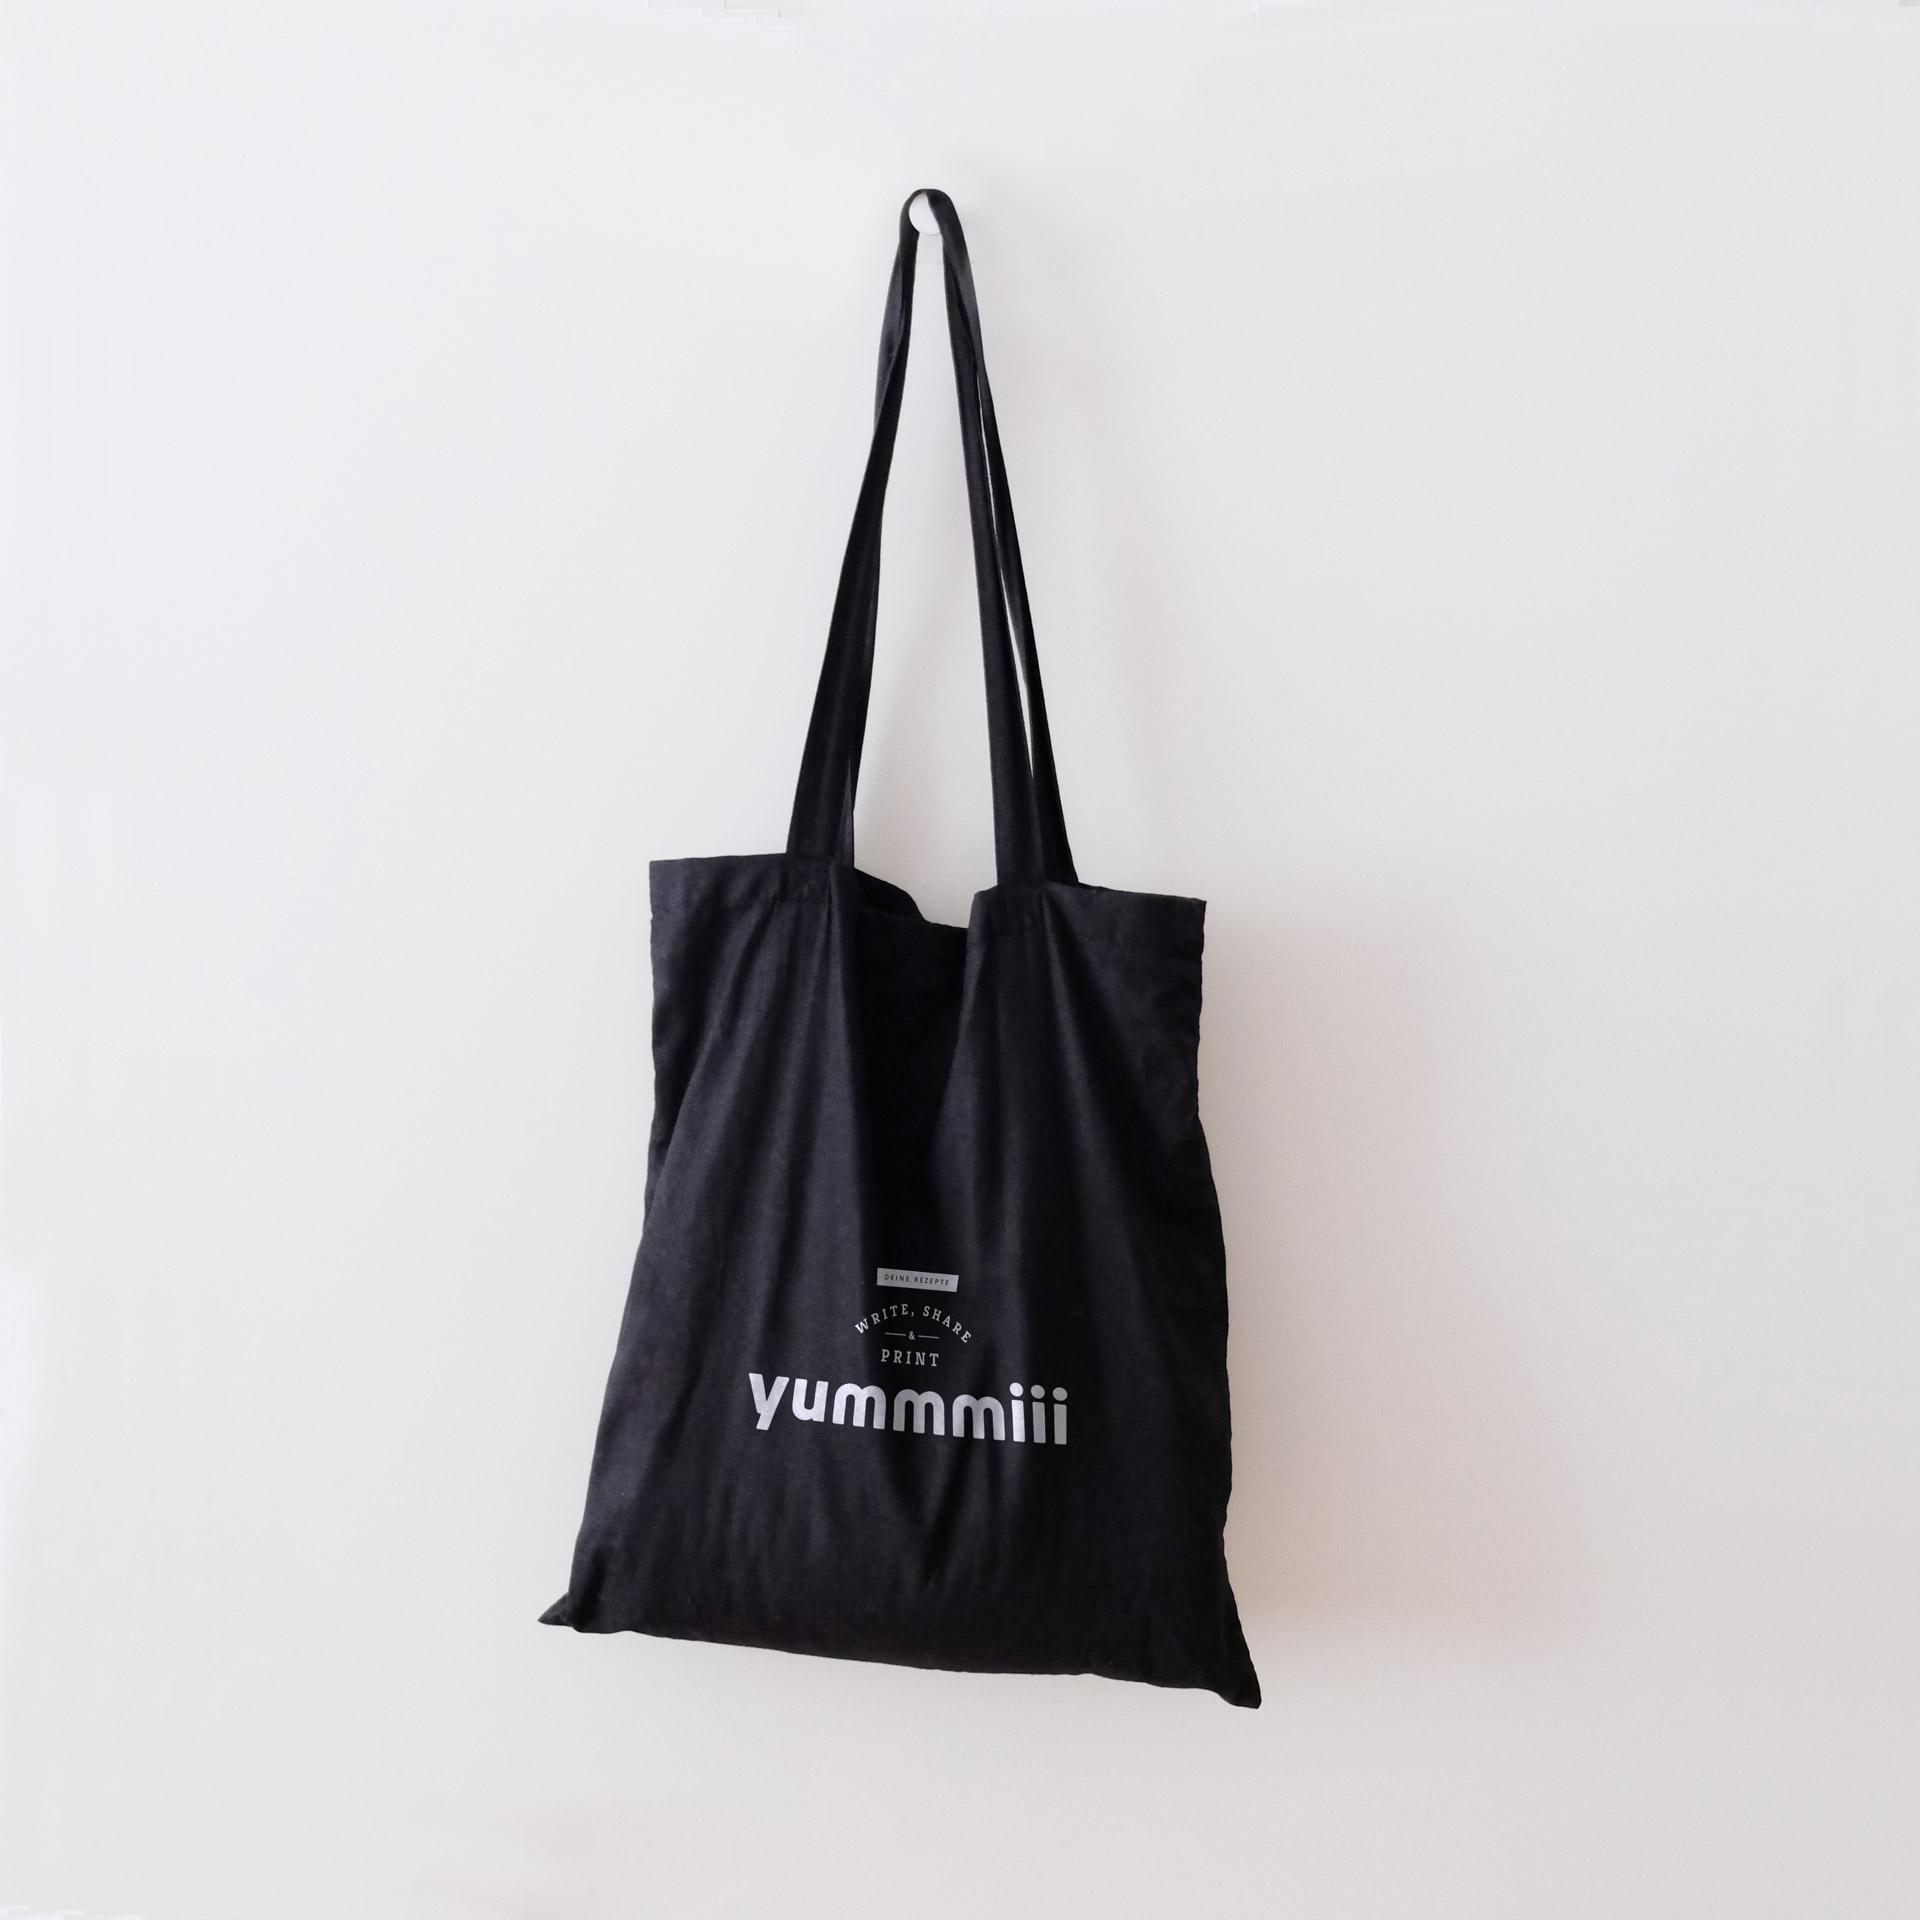 yummmiii